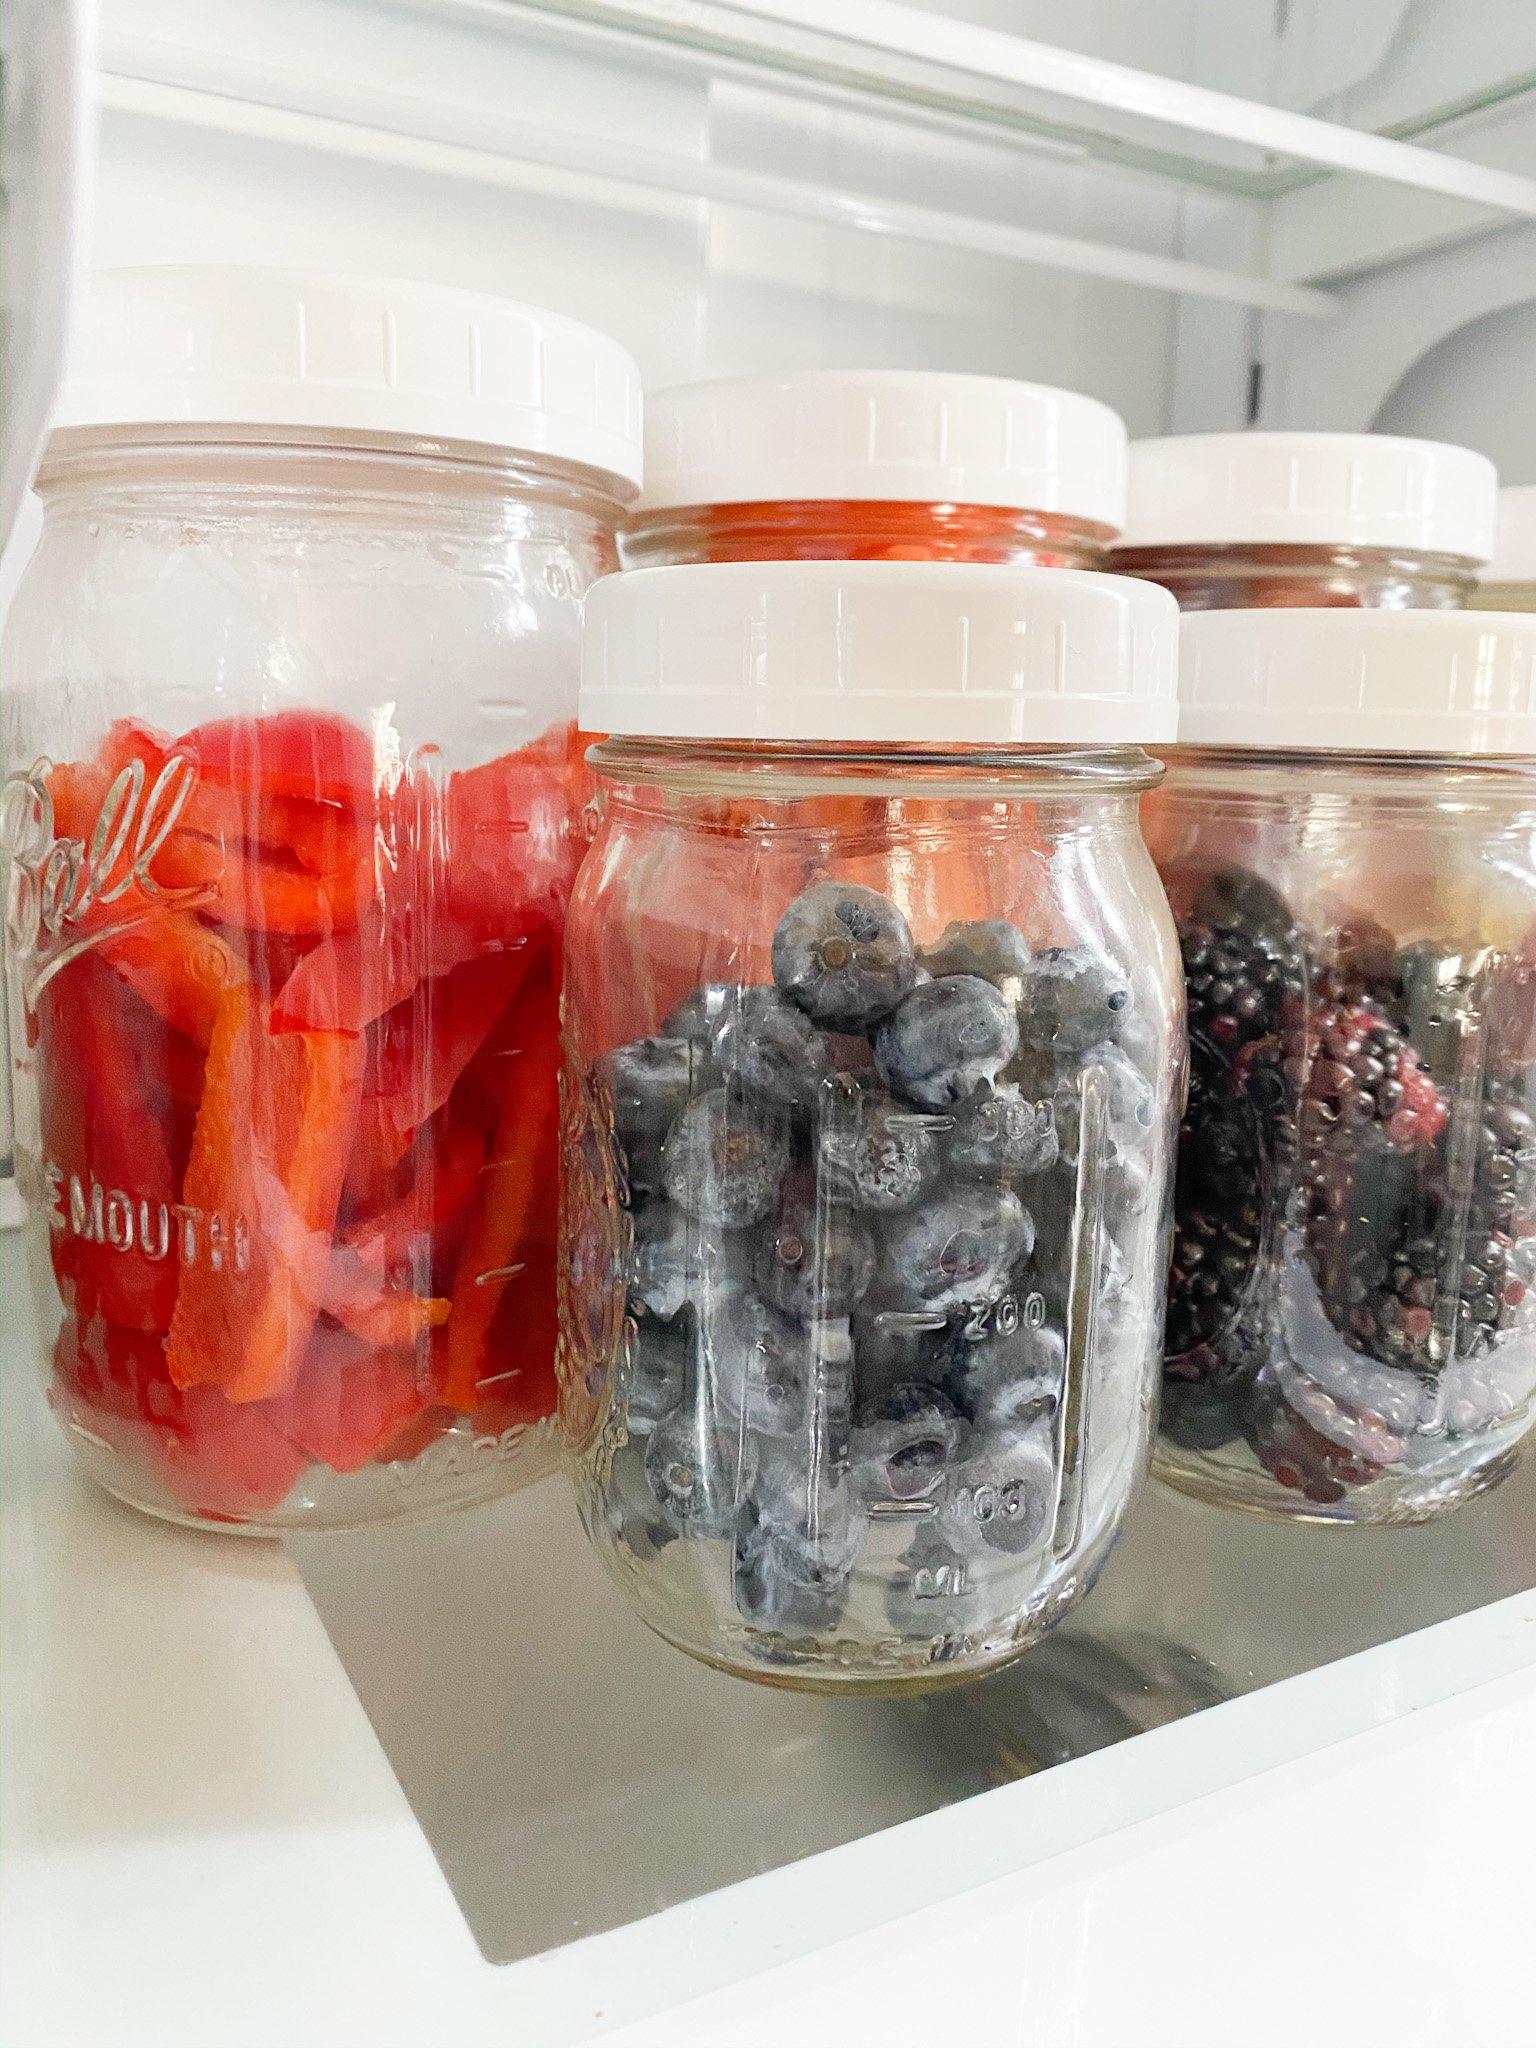 fresh blueberries stored in mason jars in the fridge